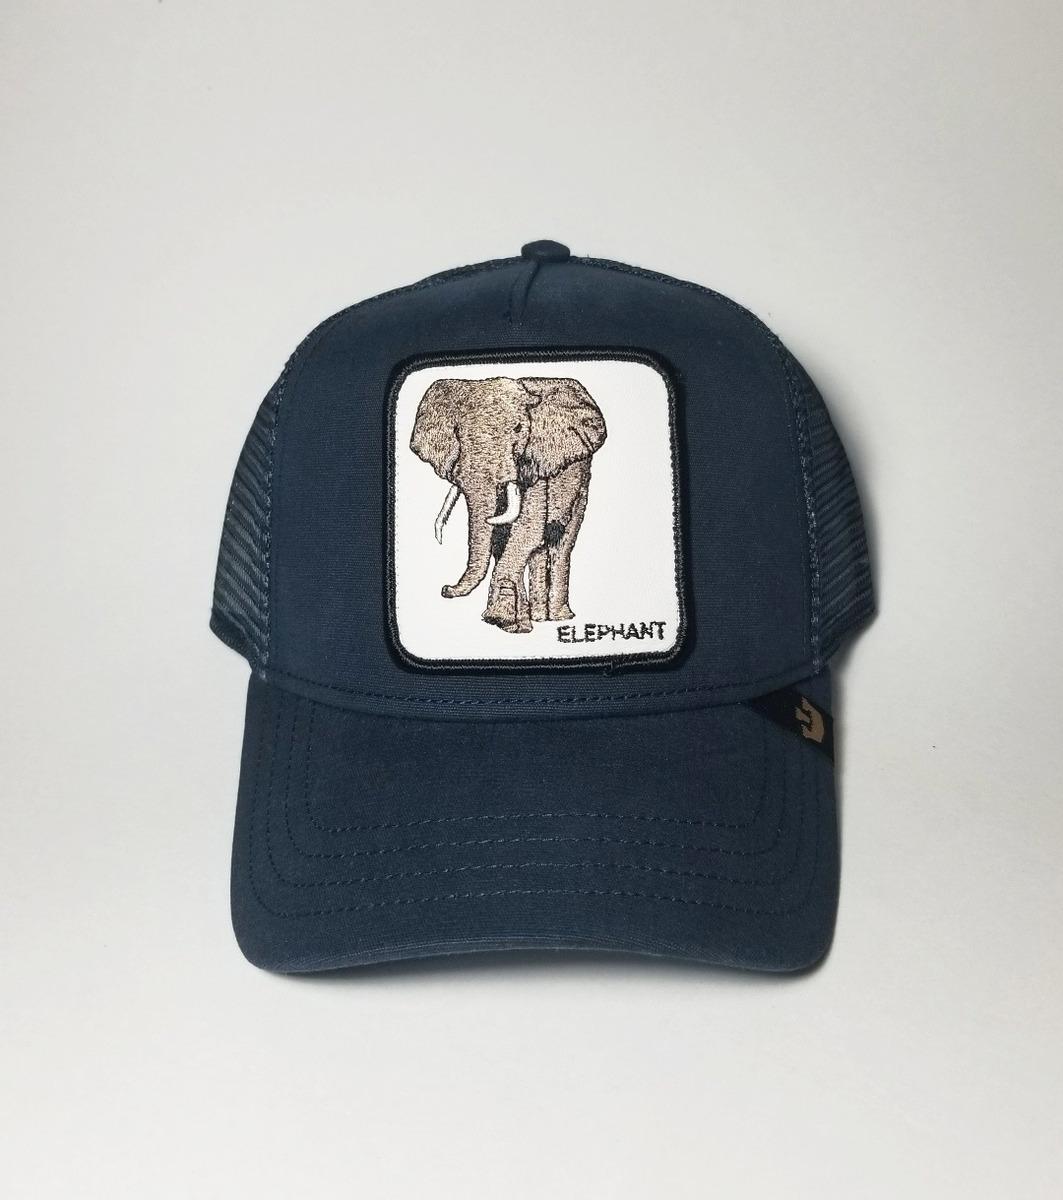 Goorin Bros Gorra Elephant -   750.00 en Mercado Libre 3d50cae2bcb